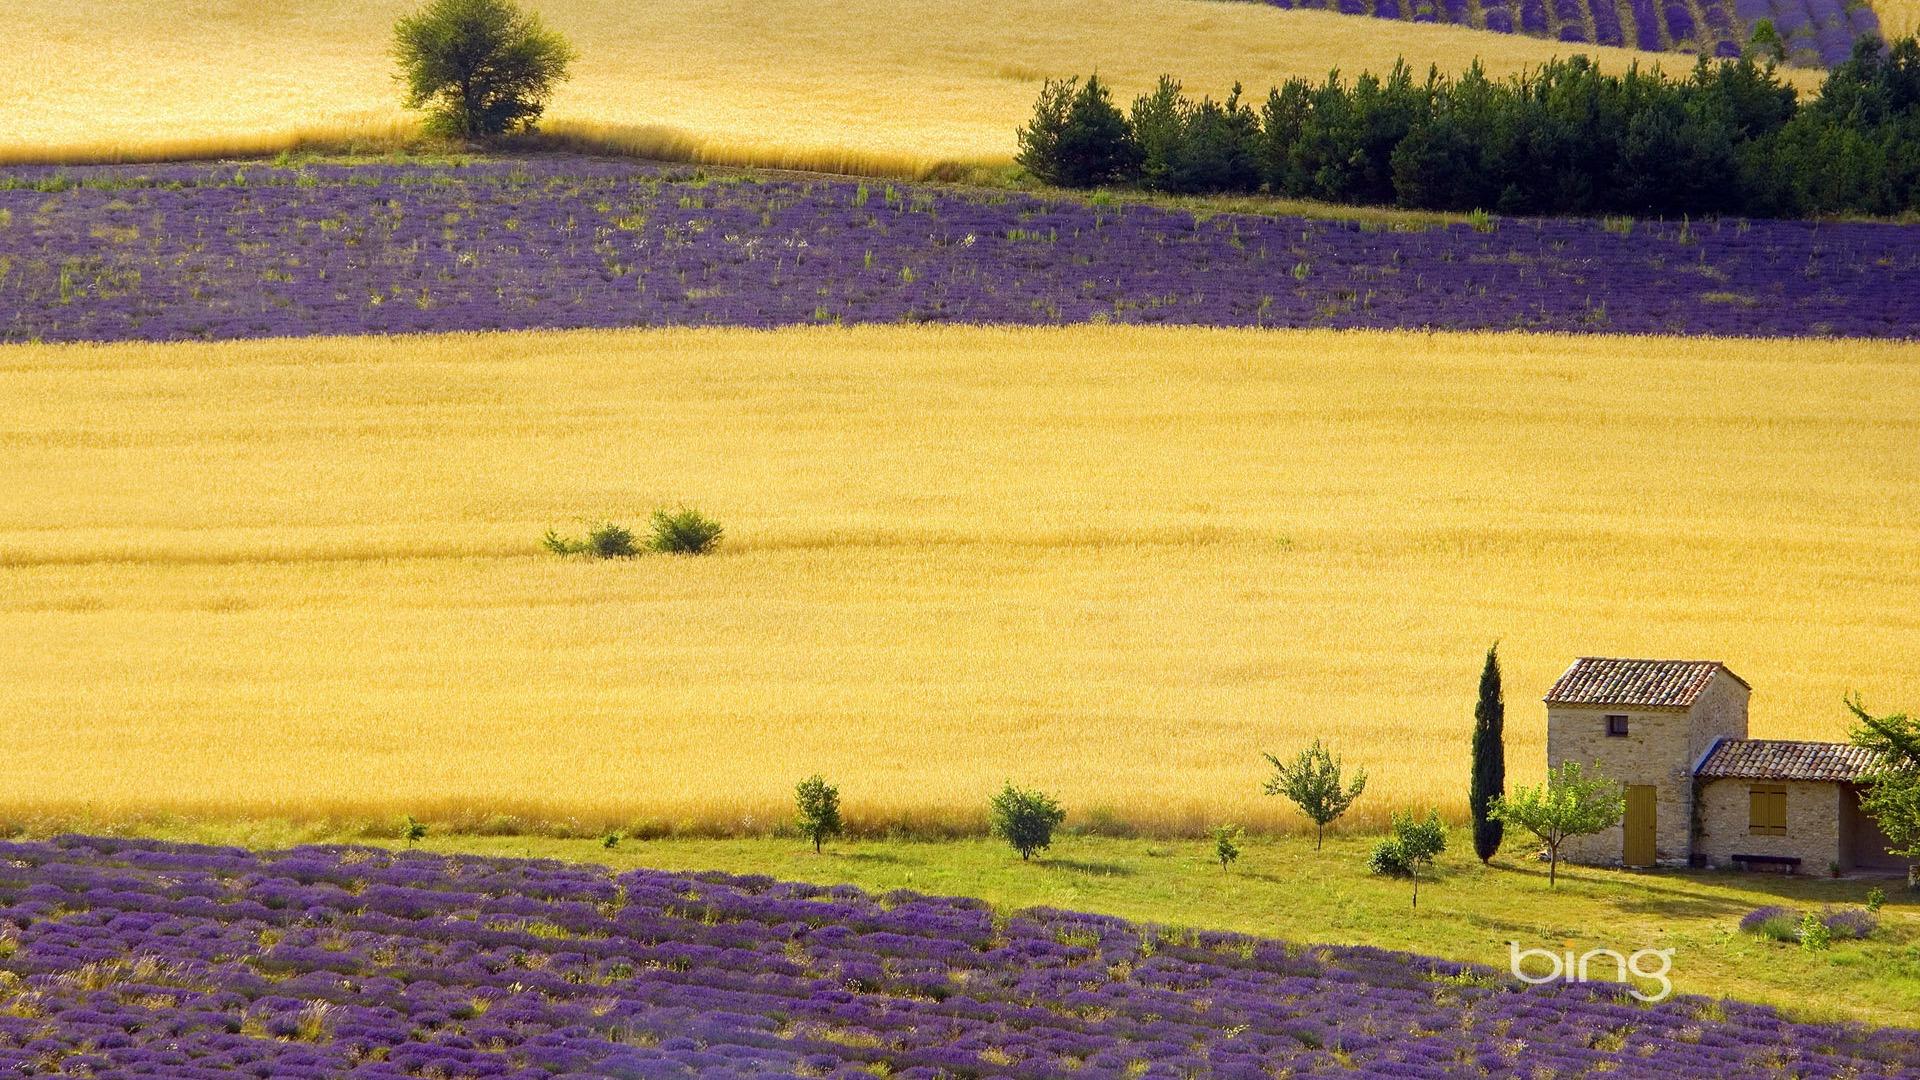 Tlcharger Fond decran La RoquettesurVar ProvenceAlpesCôte d